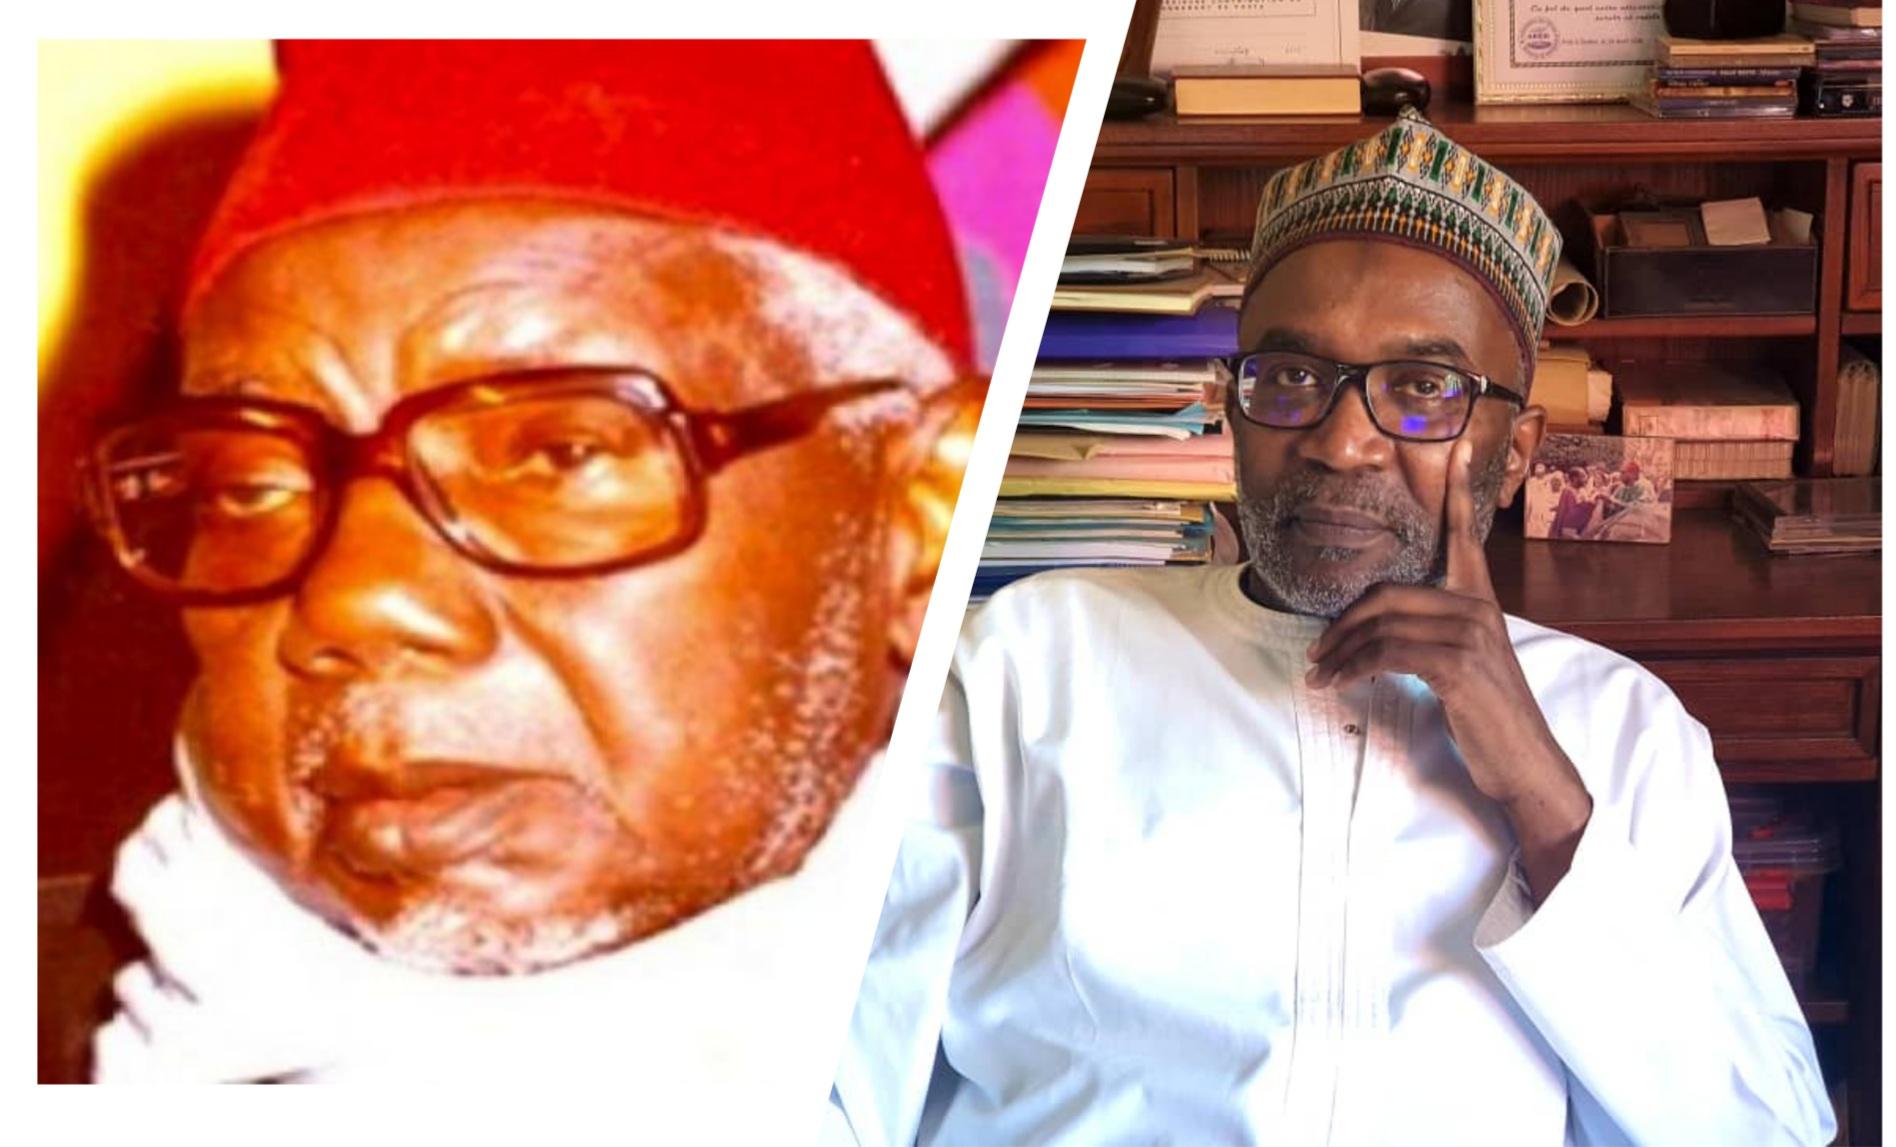 24 ans après,  Serigne Abdoul Aziz SY Dabaakh,  Un modèle achevé de l'Islam pur et simple